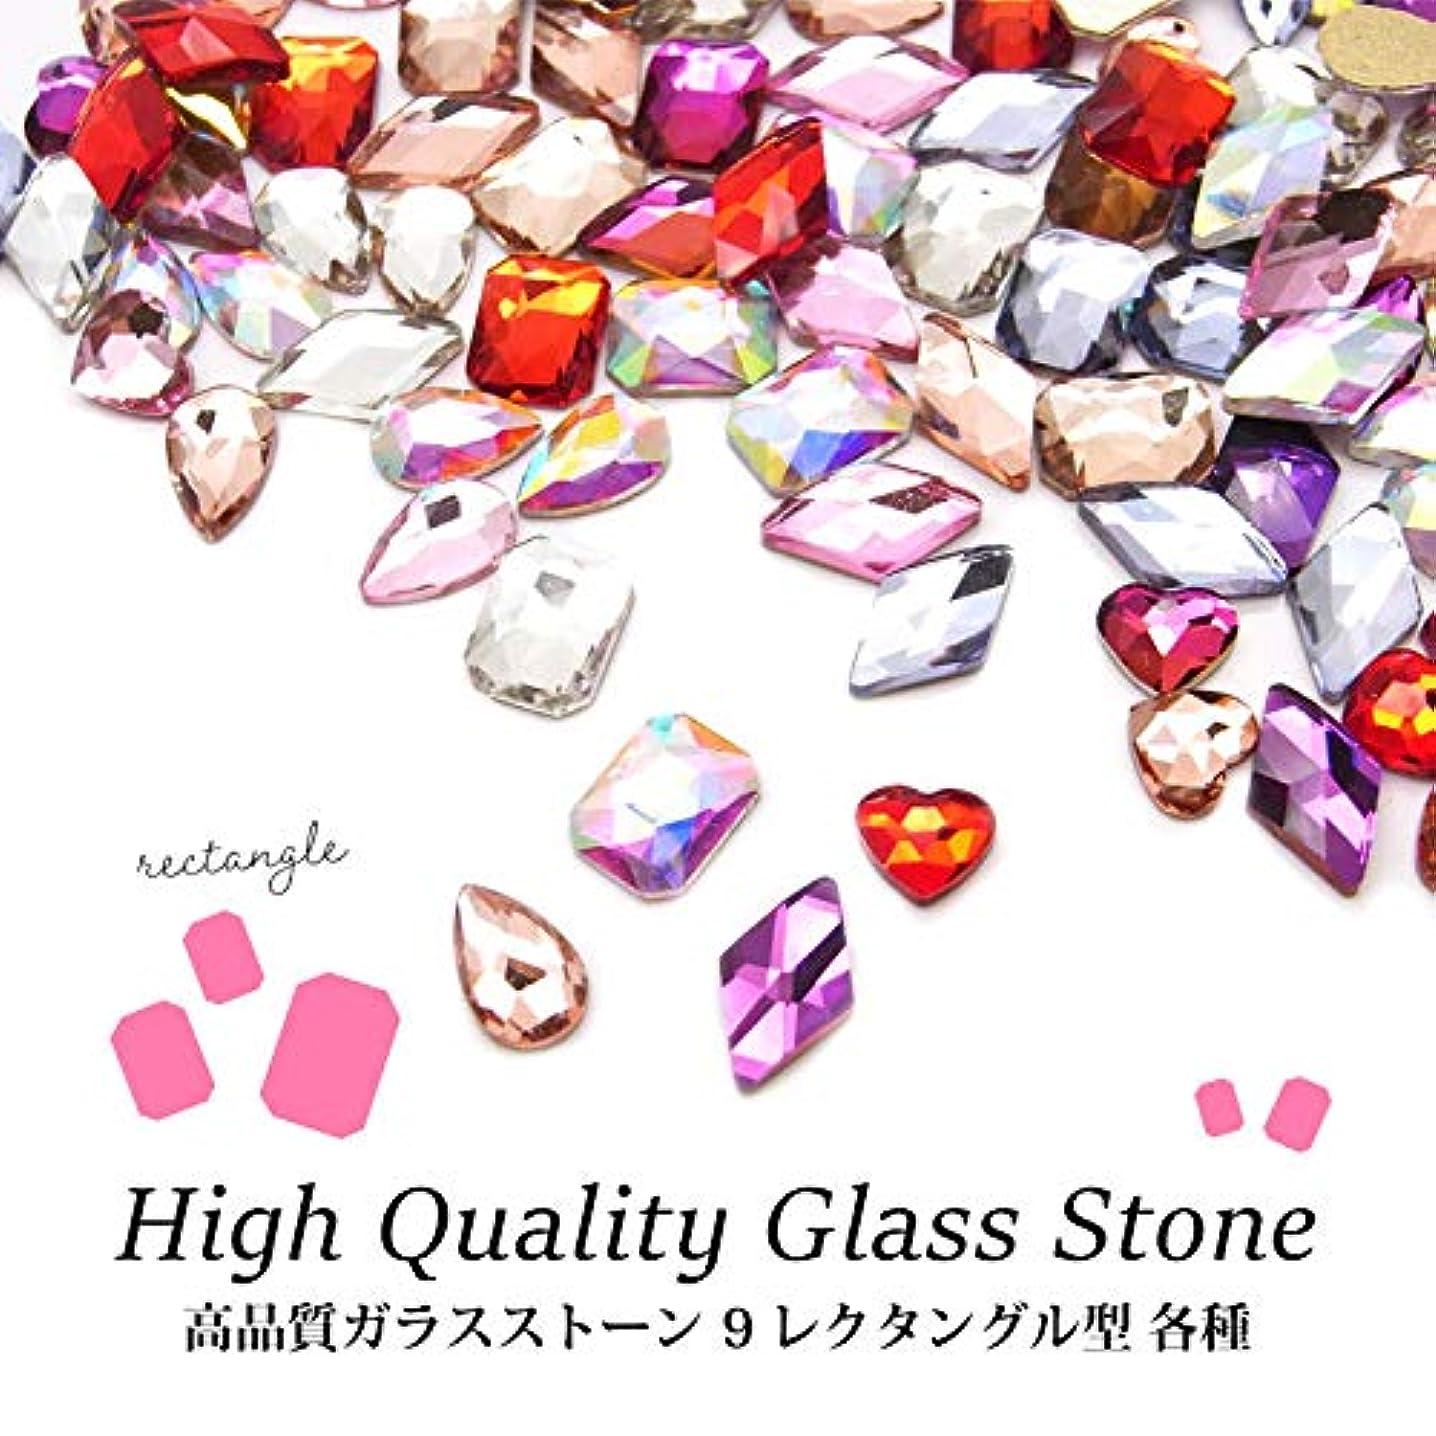 コントラスト必要ない間欠高品質ガラスストーン 9 レクタングル型 各種 5個入り (9.エメラルドシャイン)